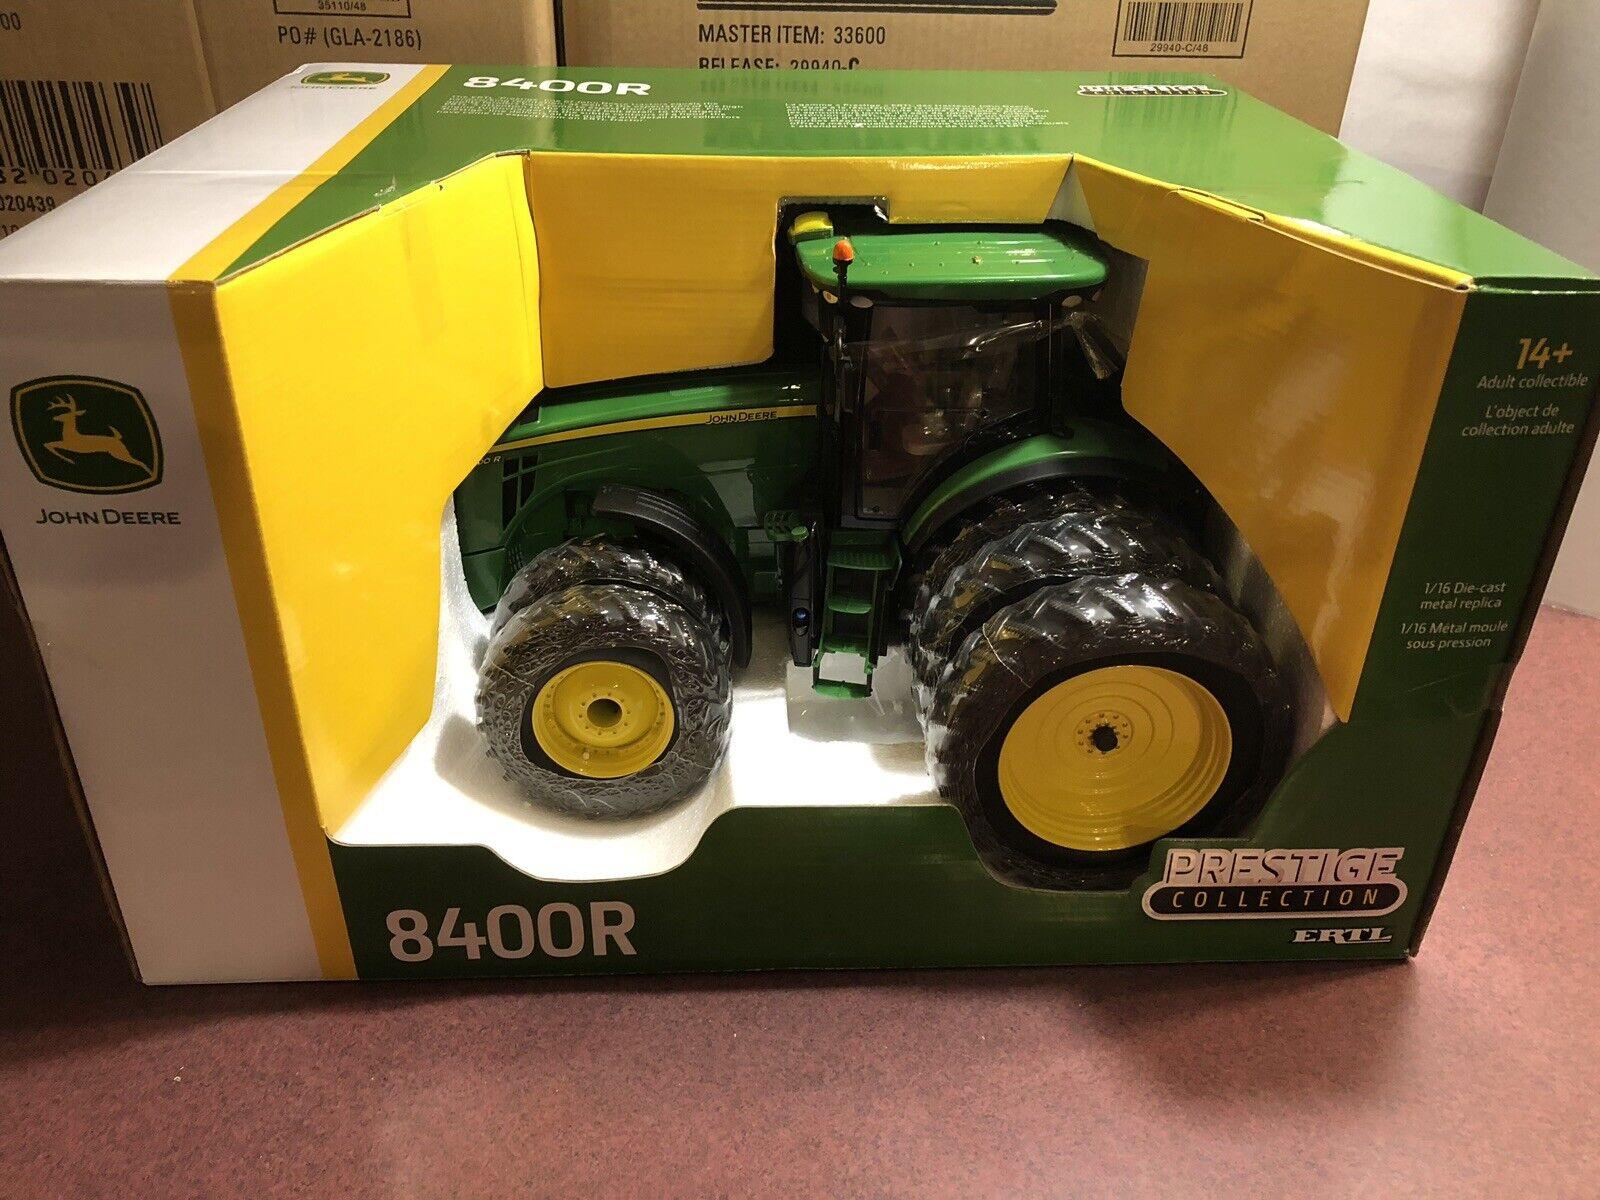 ERTL 1  16 PRESTIGE COLLECTION JOHN DEERE 8400R tracteur avec triple arrière  tout en haute qualité et prix bas